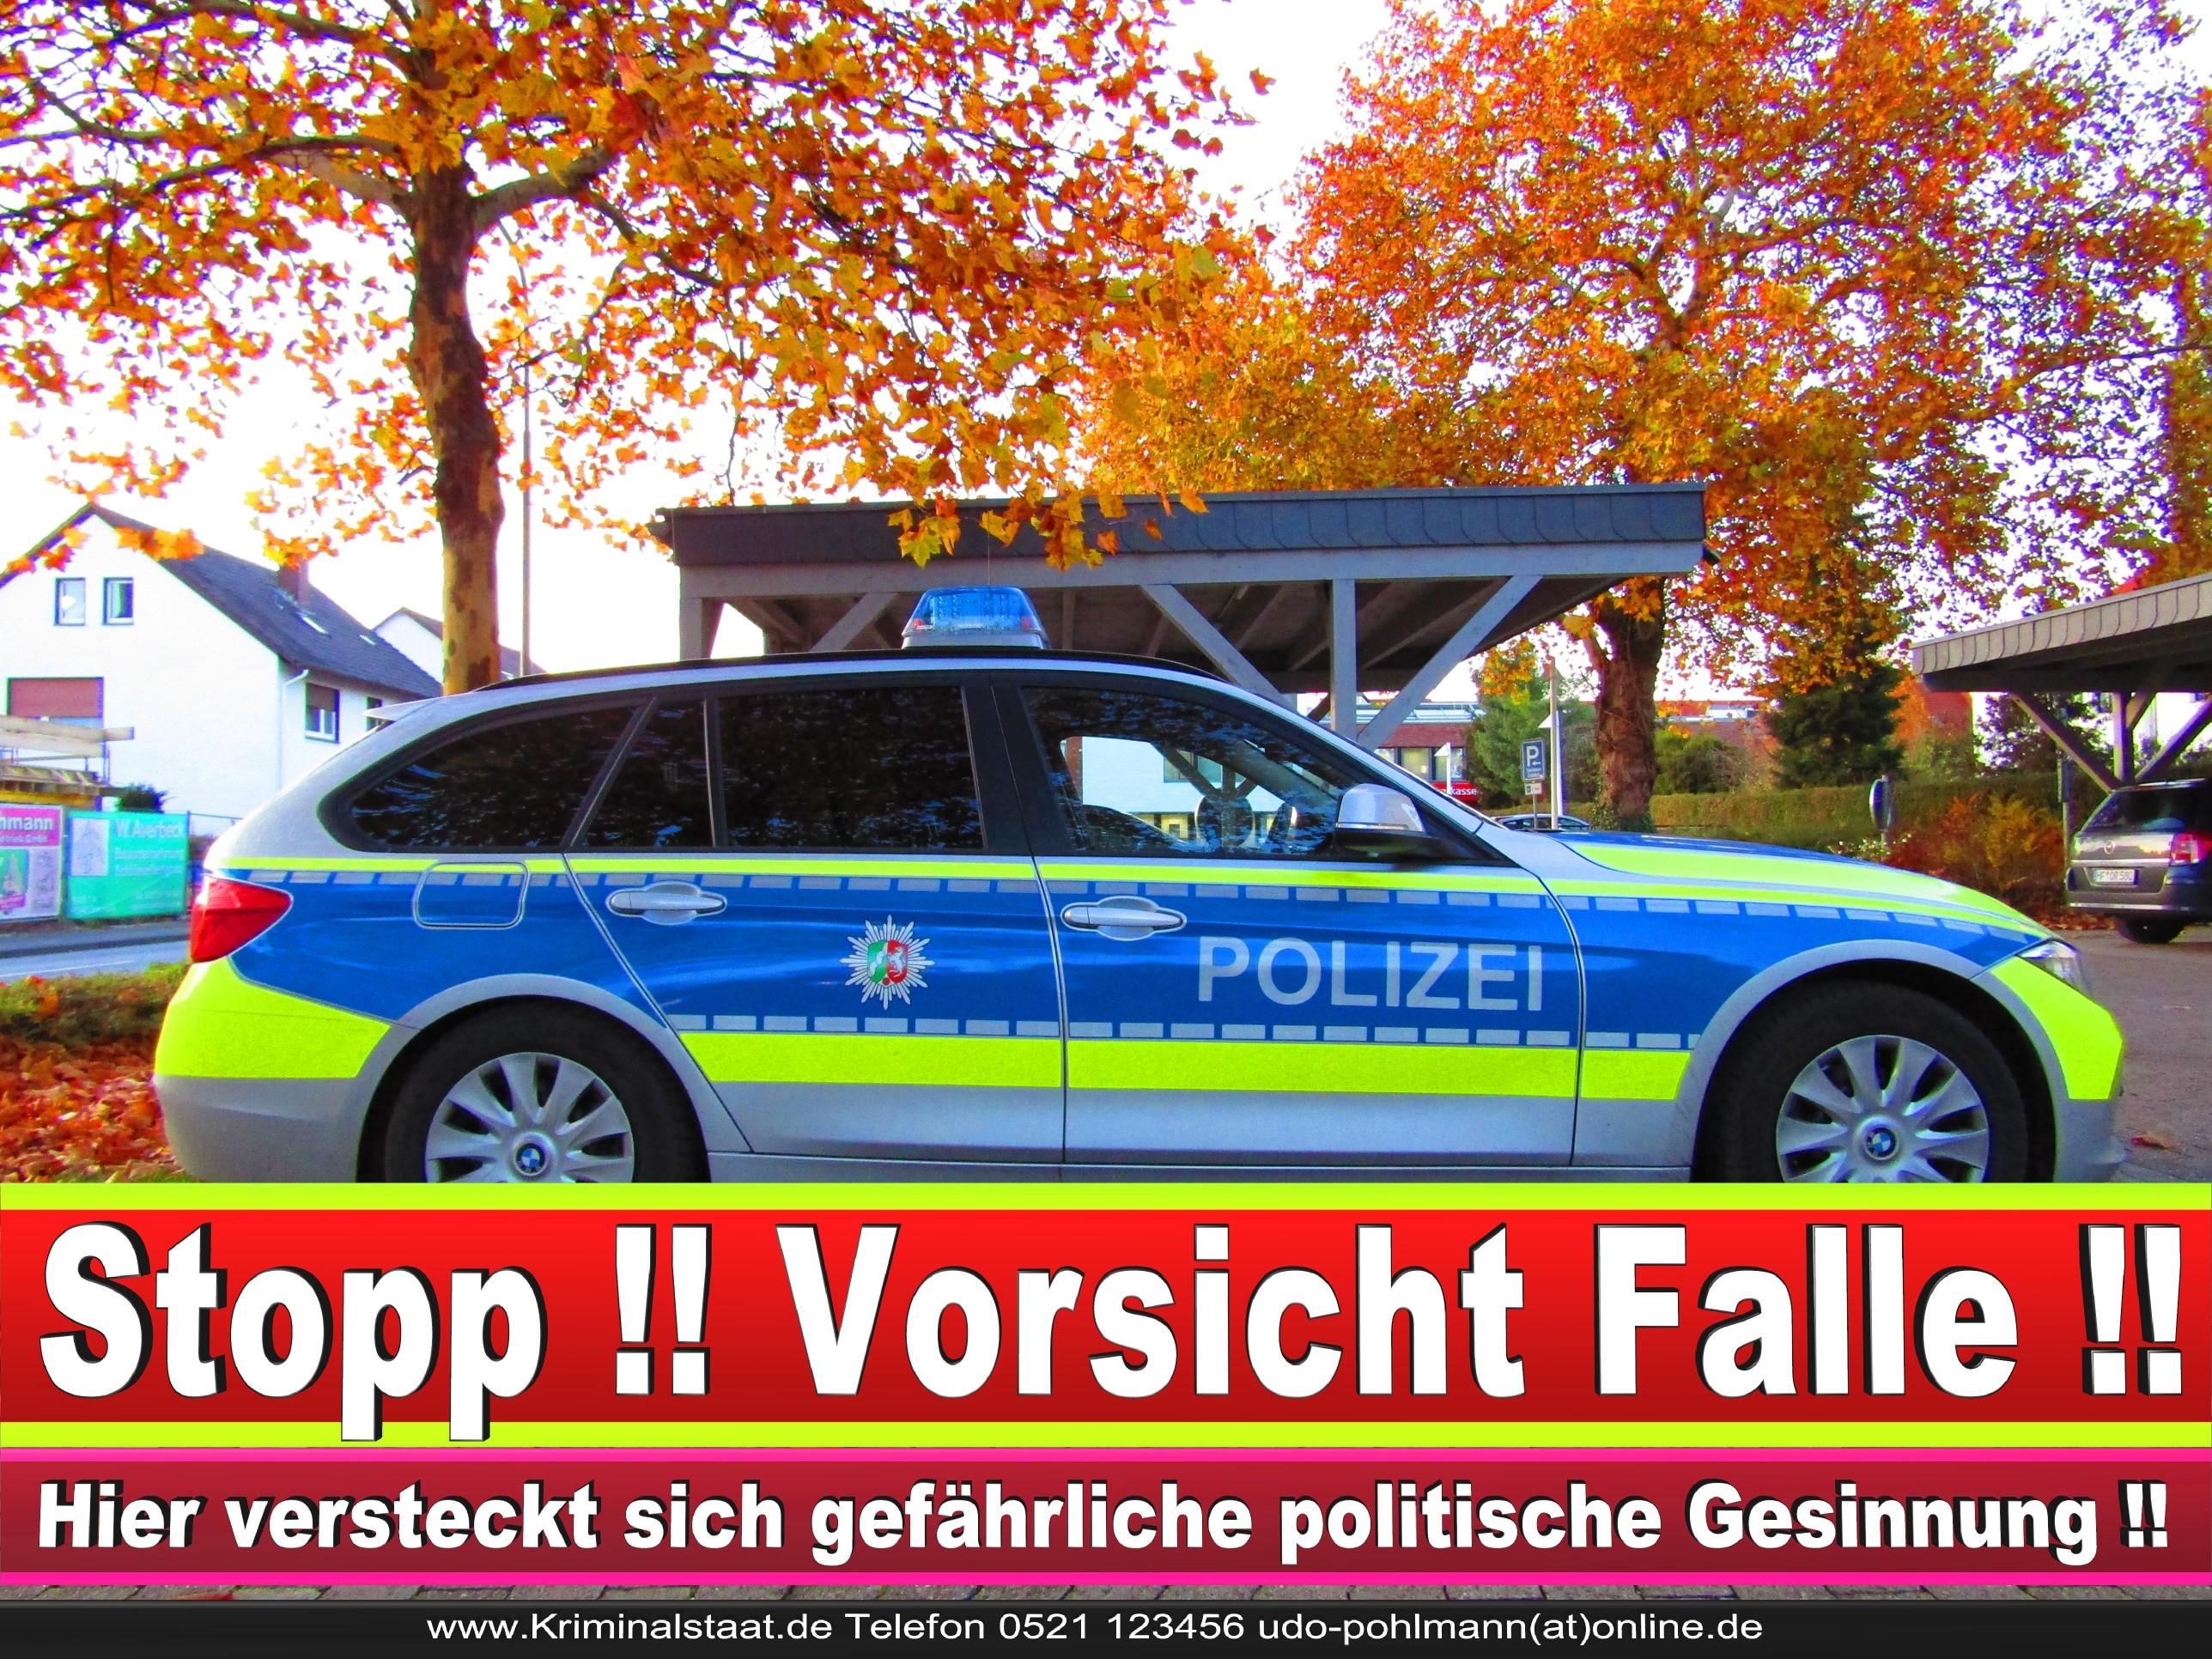 CDU Steinhagen Halle Harsewinkel Gütersloh Bielefeld Polizeirevier Polizisten Verurteilt Drogen Urteil Strafe Korruption Verbrechen Mafia Organisierte Kriminalität (2)